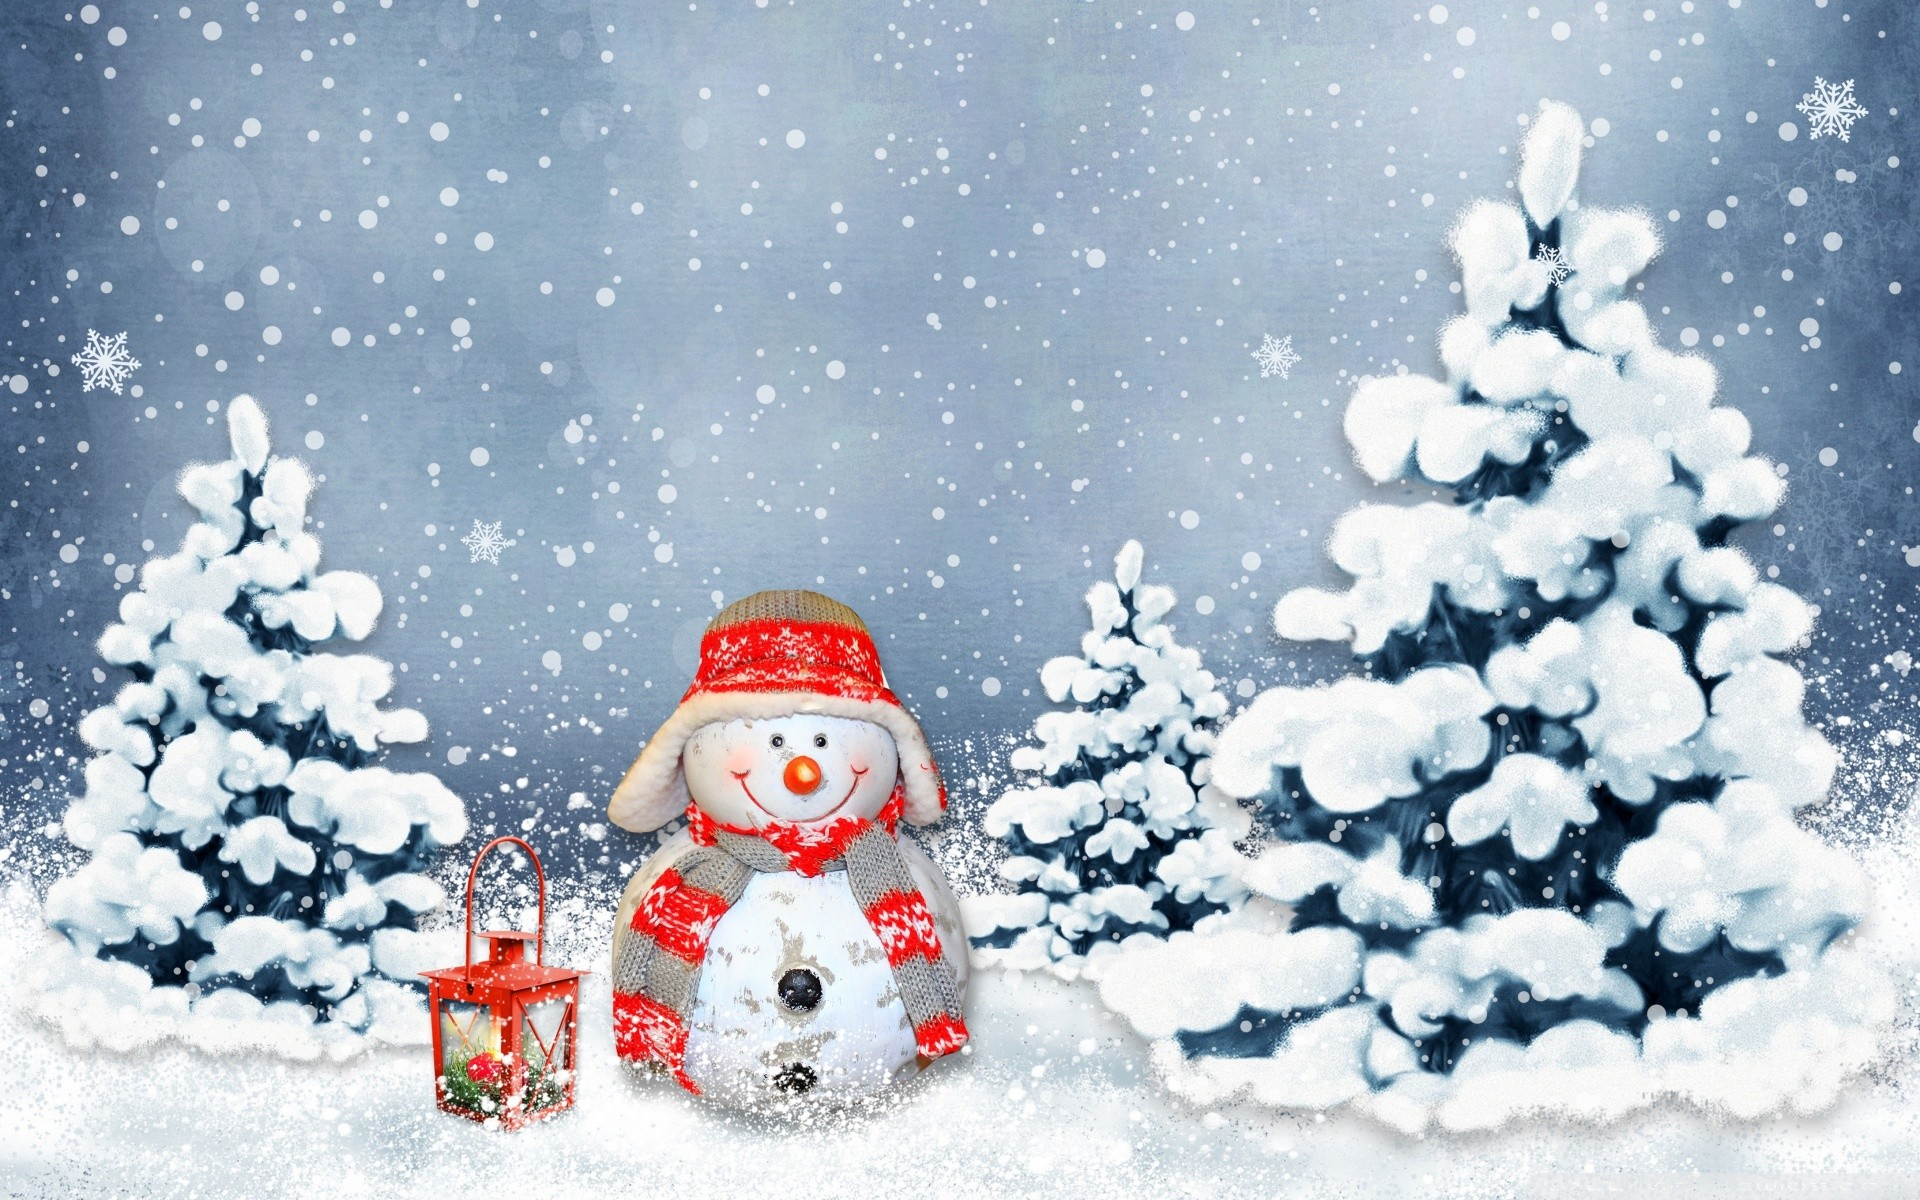 Res: 1920x1200, funny_snowman-wallpaper-